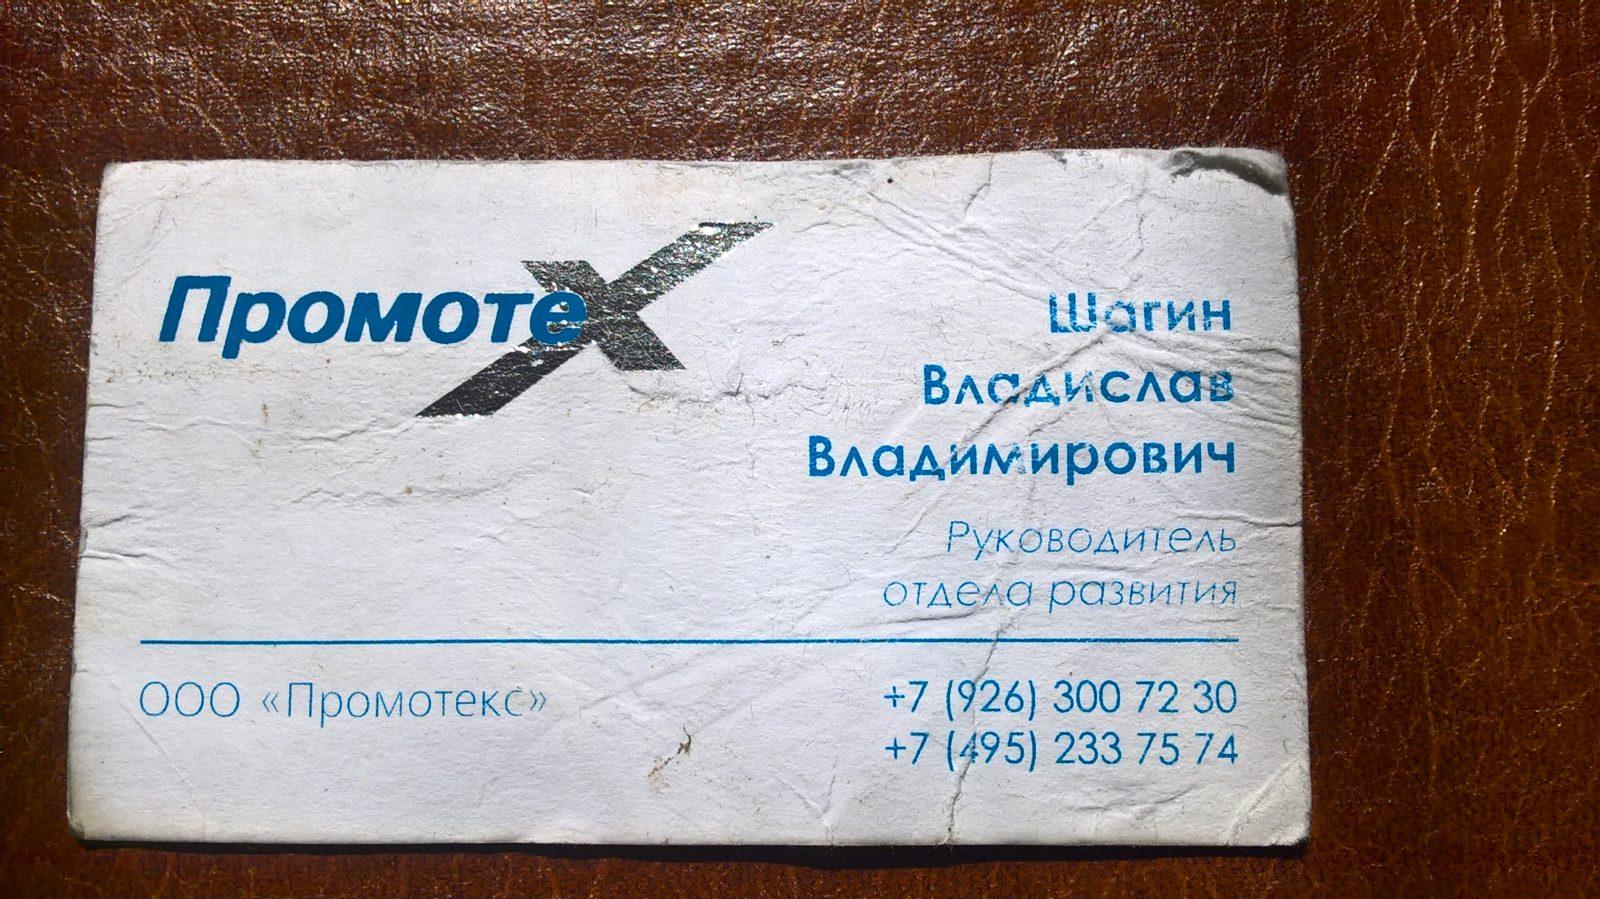 Компания «Промотекс» не выплачивает авансы и зарплату